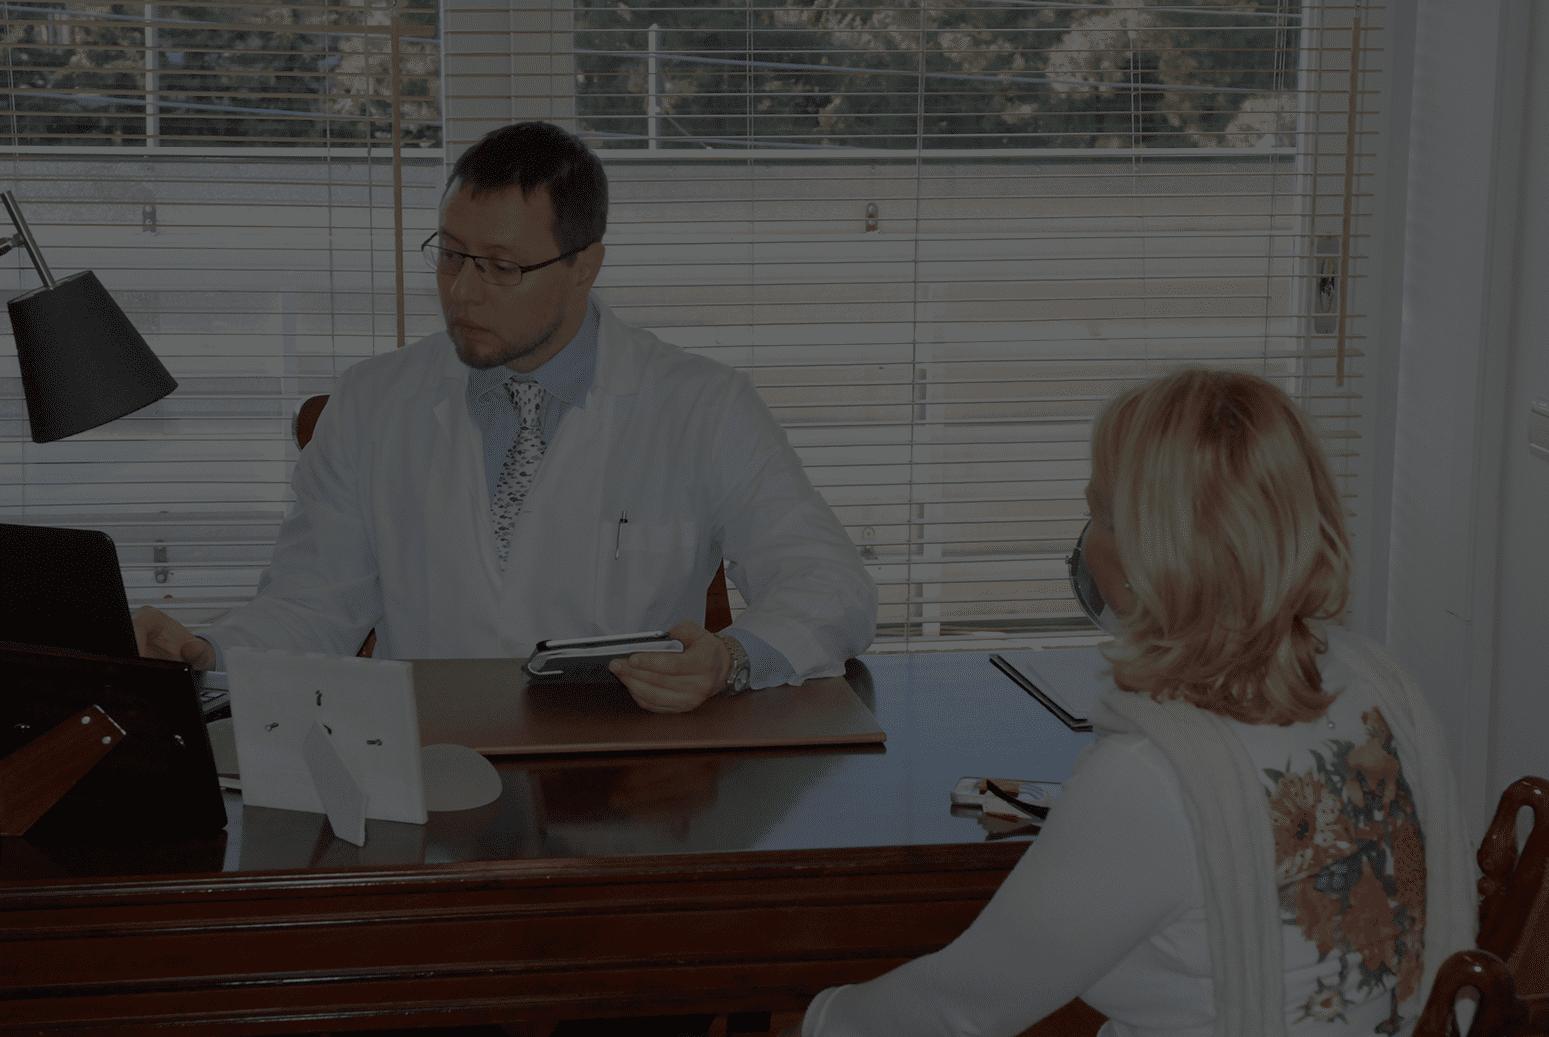 Dr Spiros Vlachos Interviewing Patient